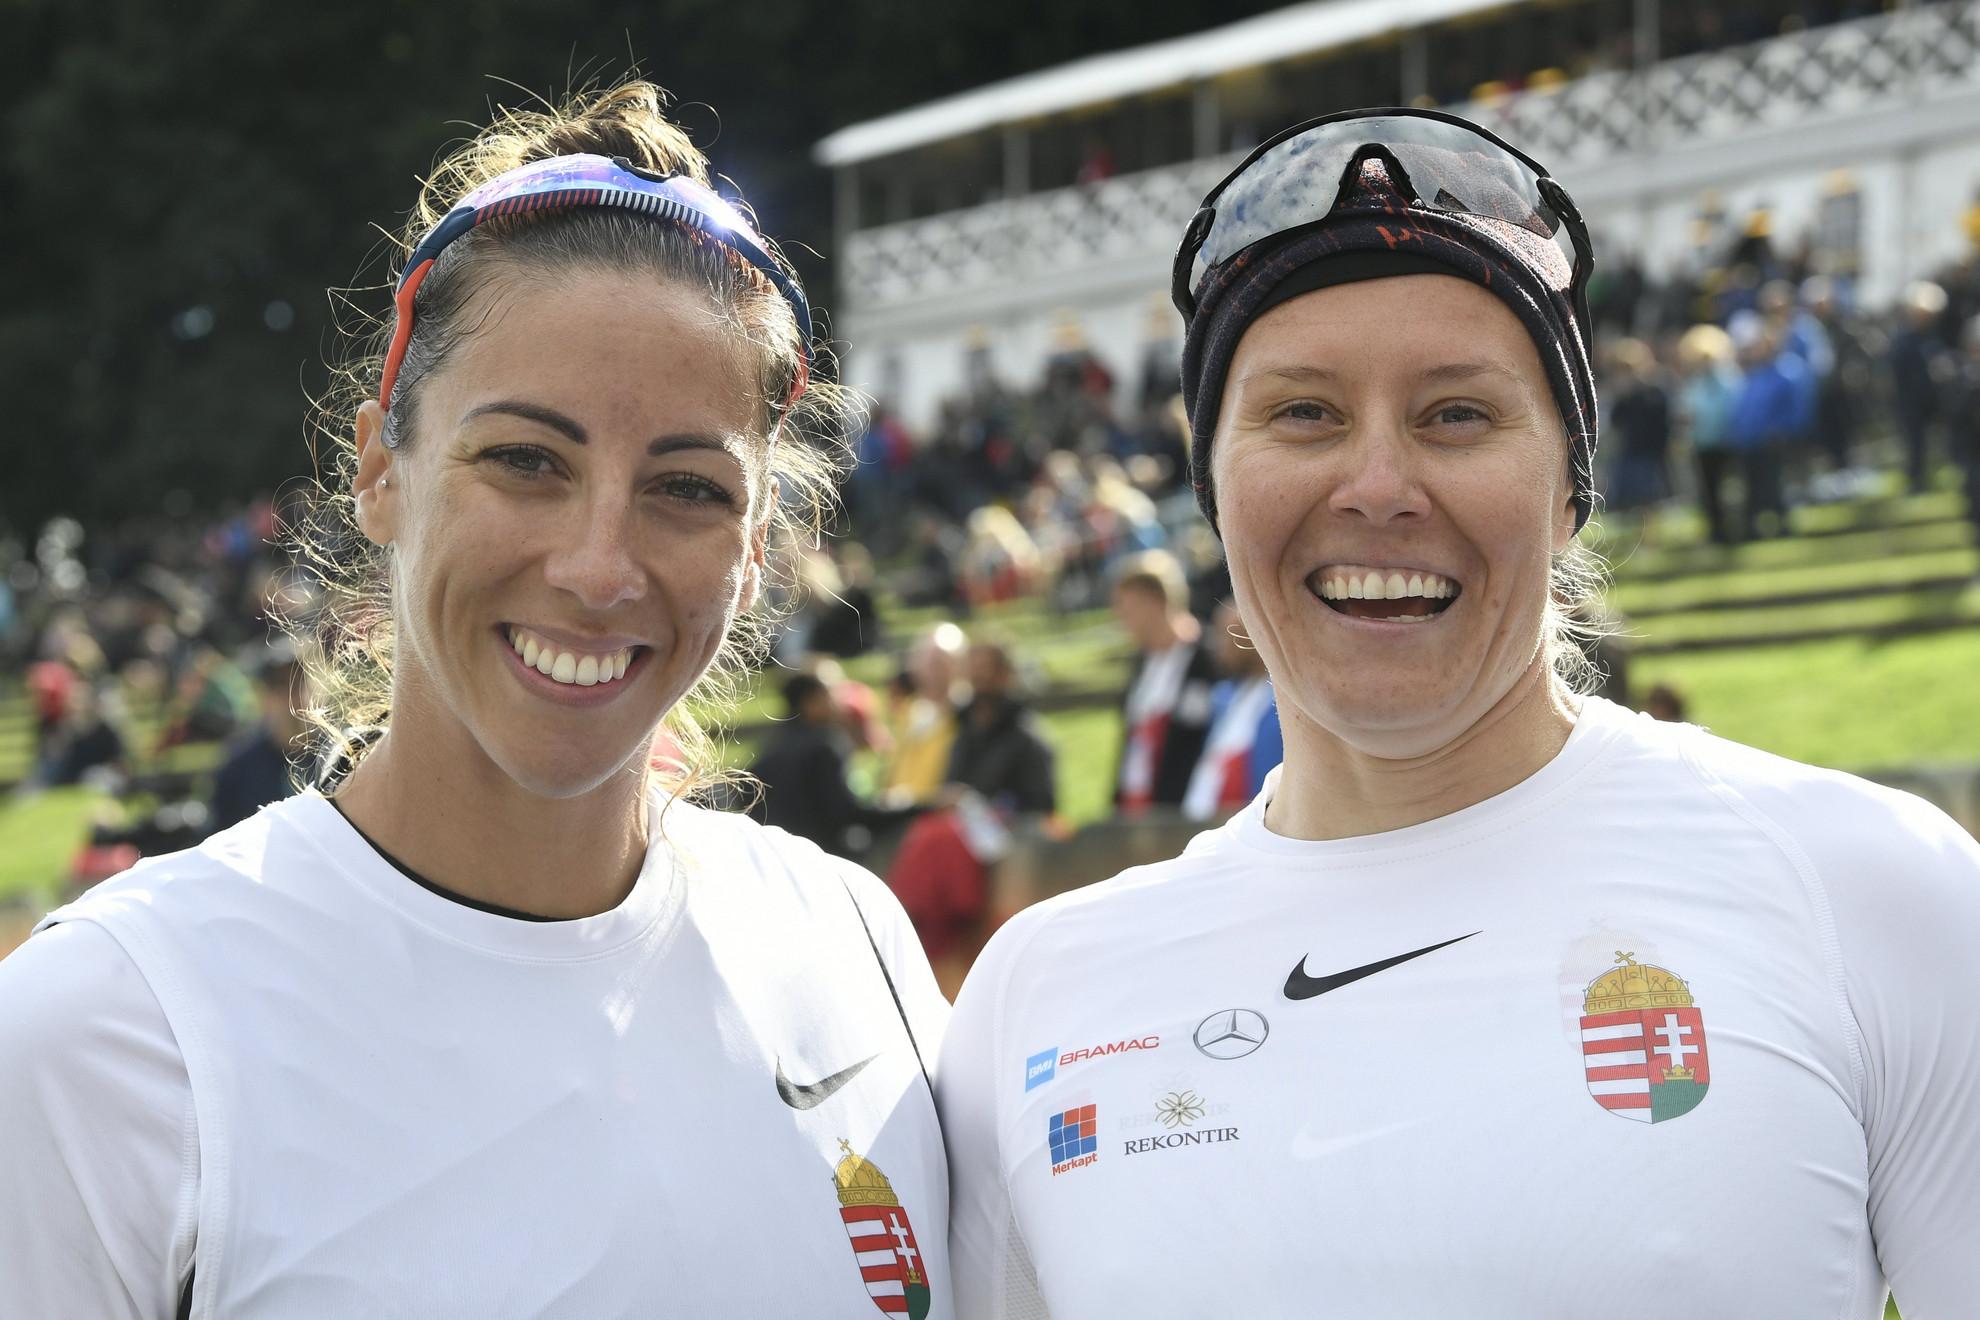 Az aranyérmes Csipes Tamara (b) és Kozák Danuta a kajak-kenu világbajnokság kajak kettesek 500 méteres versenyének döntője után a koppenhágai Bagsvaerd-tavi versenypályán 2021. szeptember 18-án